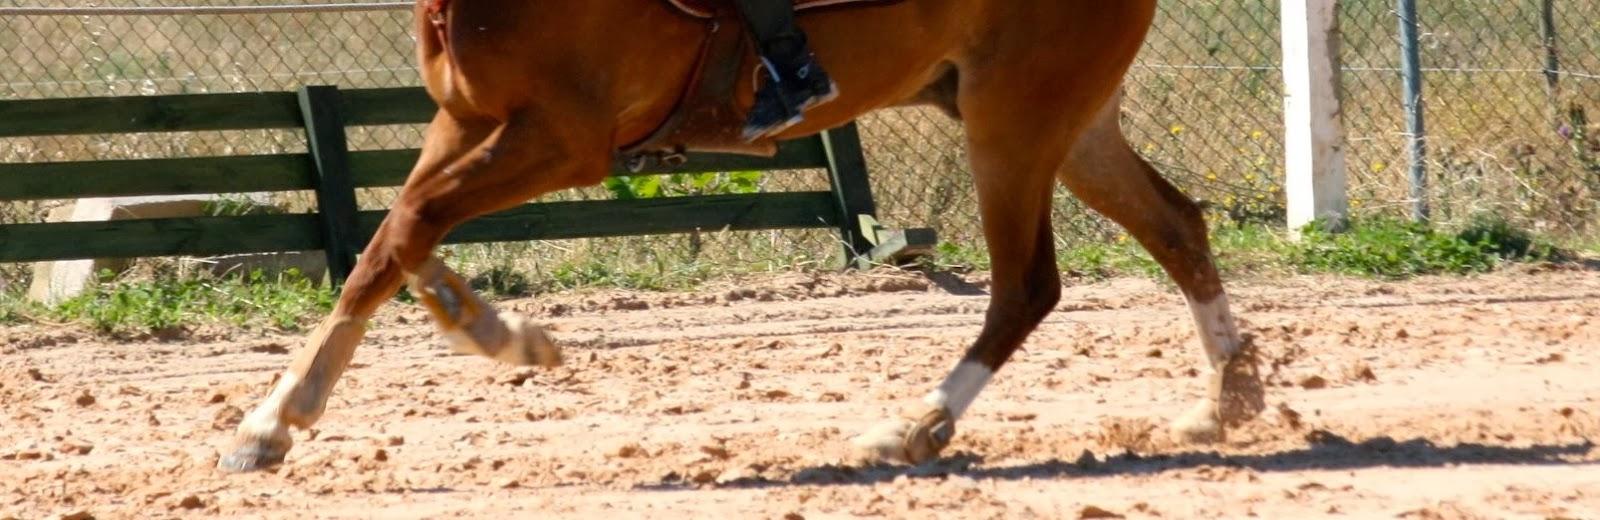 Galopejunior: La cojera en el caballo (I)